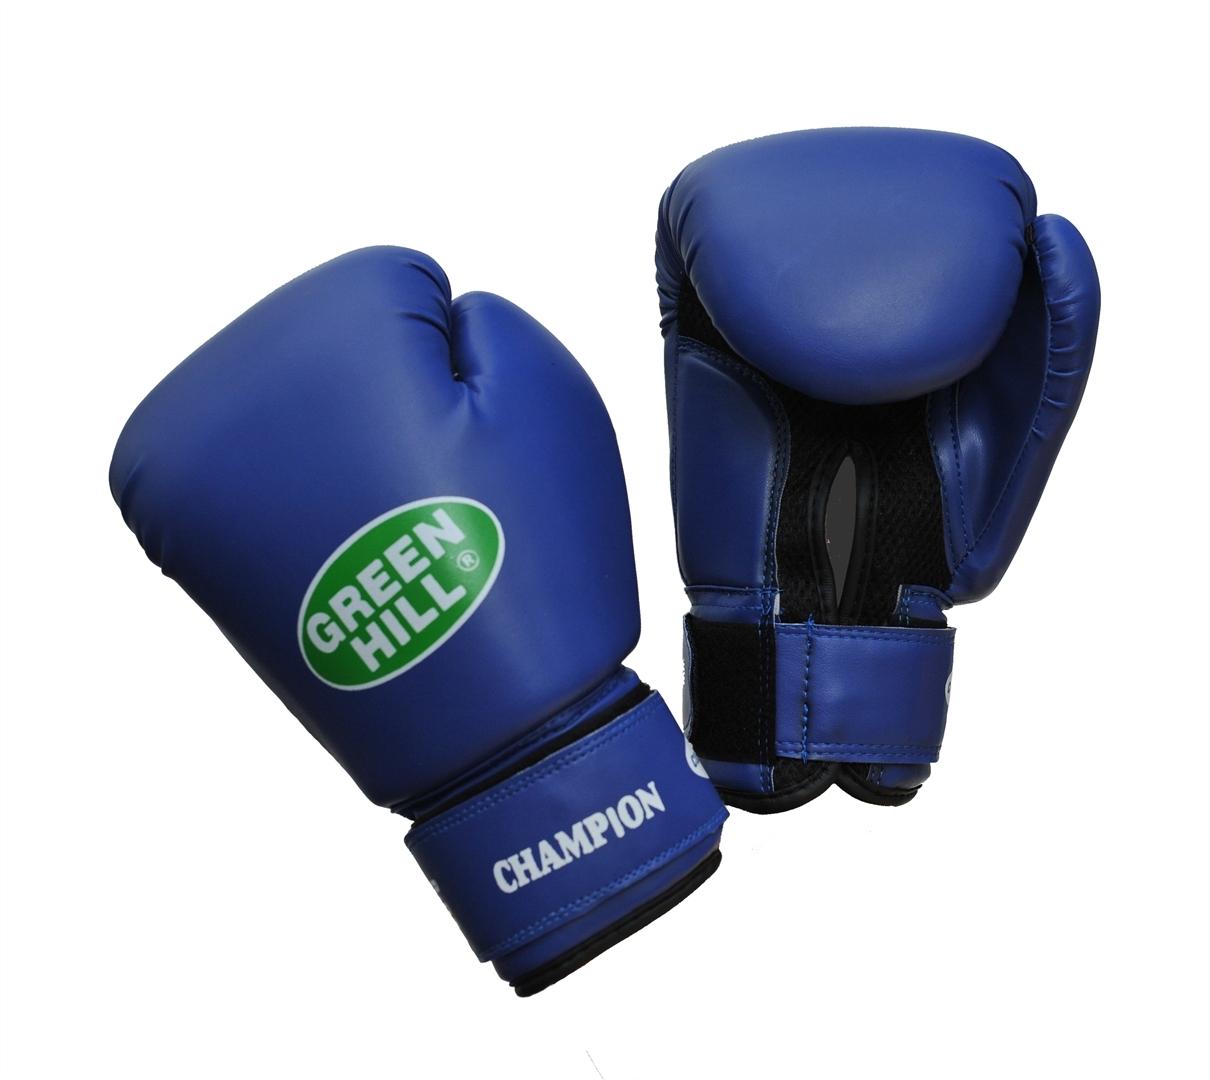 Перчатки боксерские Green Hill Champion, цвет: синий. Вес 12 унцийSF 0085Боксерские перчатки Green Hill Champion предназначены для тренировок и соревнований. Верх выполнен из синтетической кожи, наполнитель - из пенополиуретана. Вставка из прочной замшевой сетки в области ладони позволяет создать максимально комфортный терморежим во время занятий. Перчатка хорошо проветривается благодаря системе воздухообмена. Широкий ремень, охватывая запястье, полностью оборачивается вокруг манжеты, благодаря чему создается дополнительная защита лучезапястного сустава от травмирования. Застежка на липучке способствует быстрому и удобному одеванию перчаток, плотно фиксирует перчатки на руке.